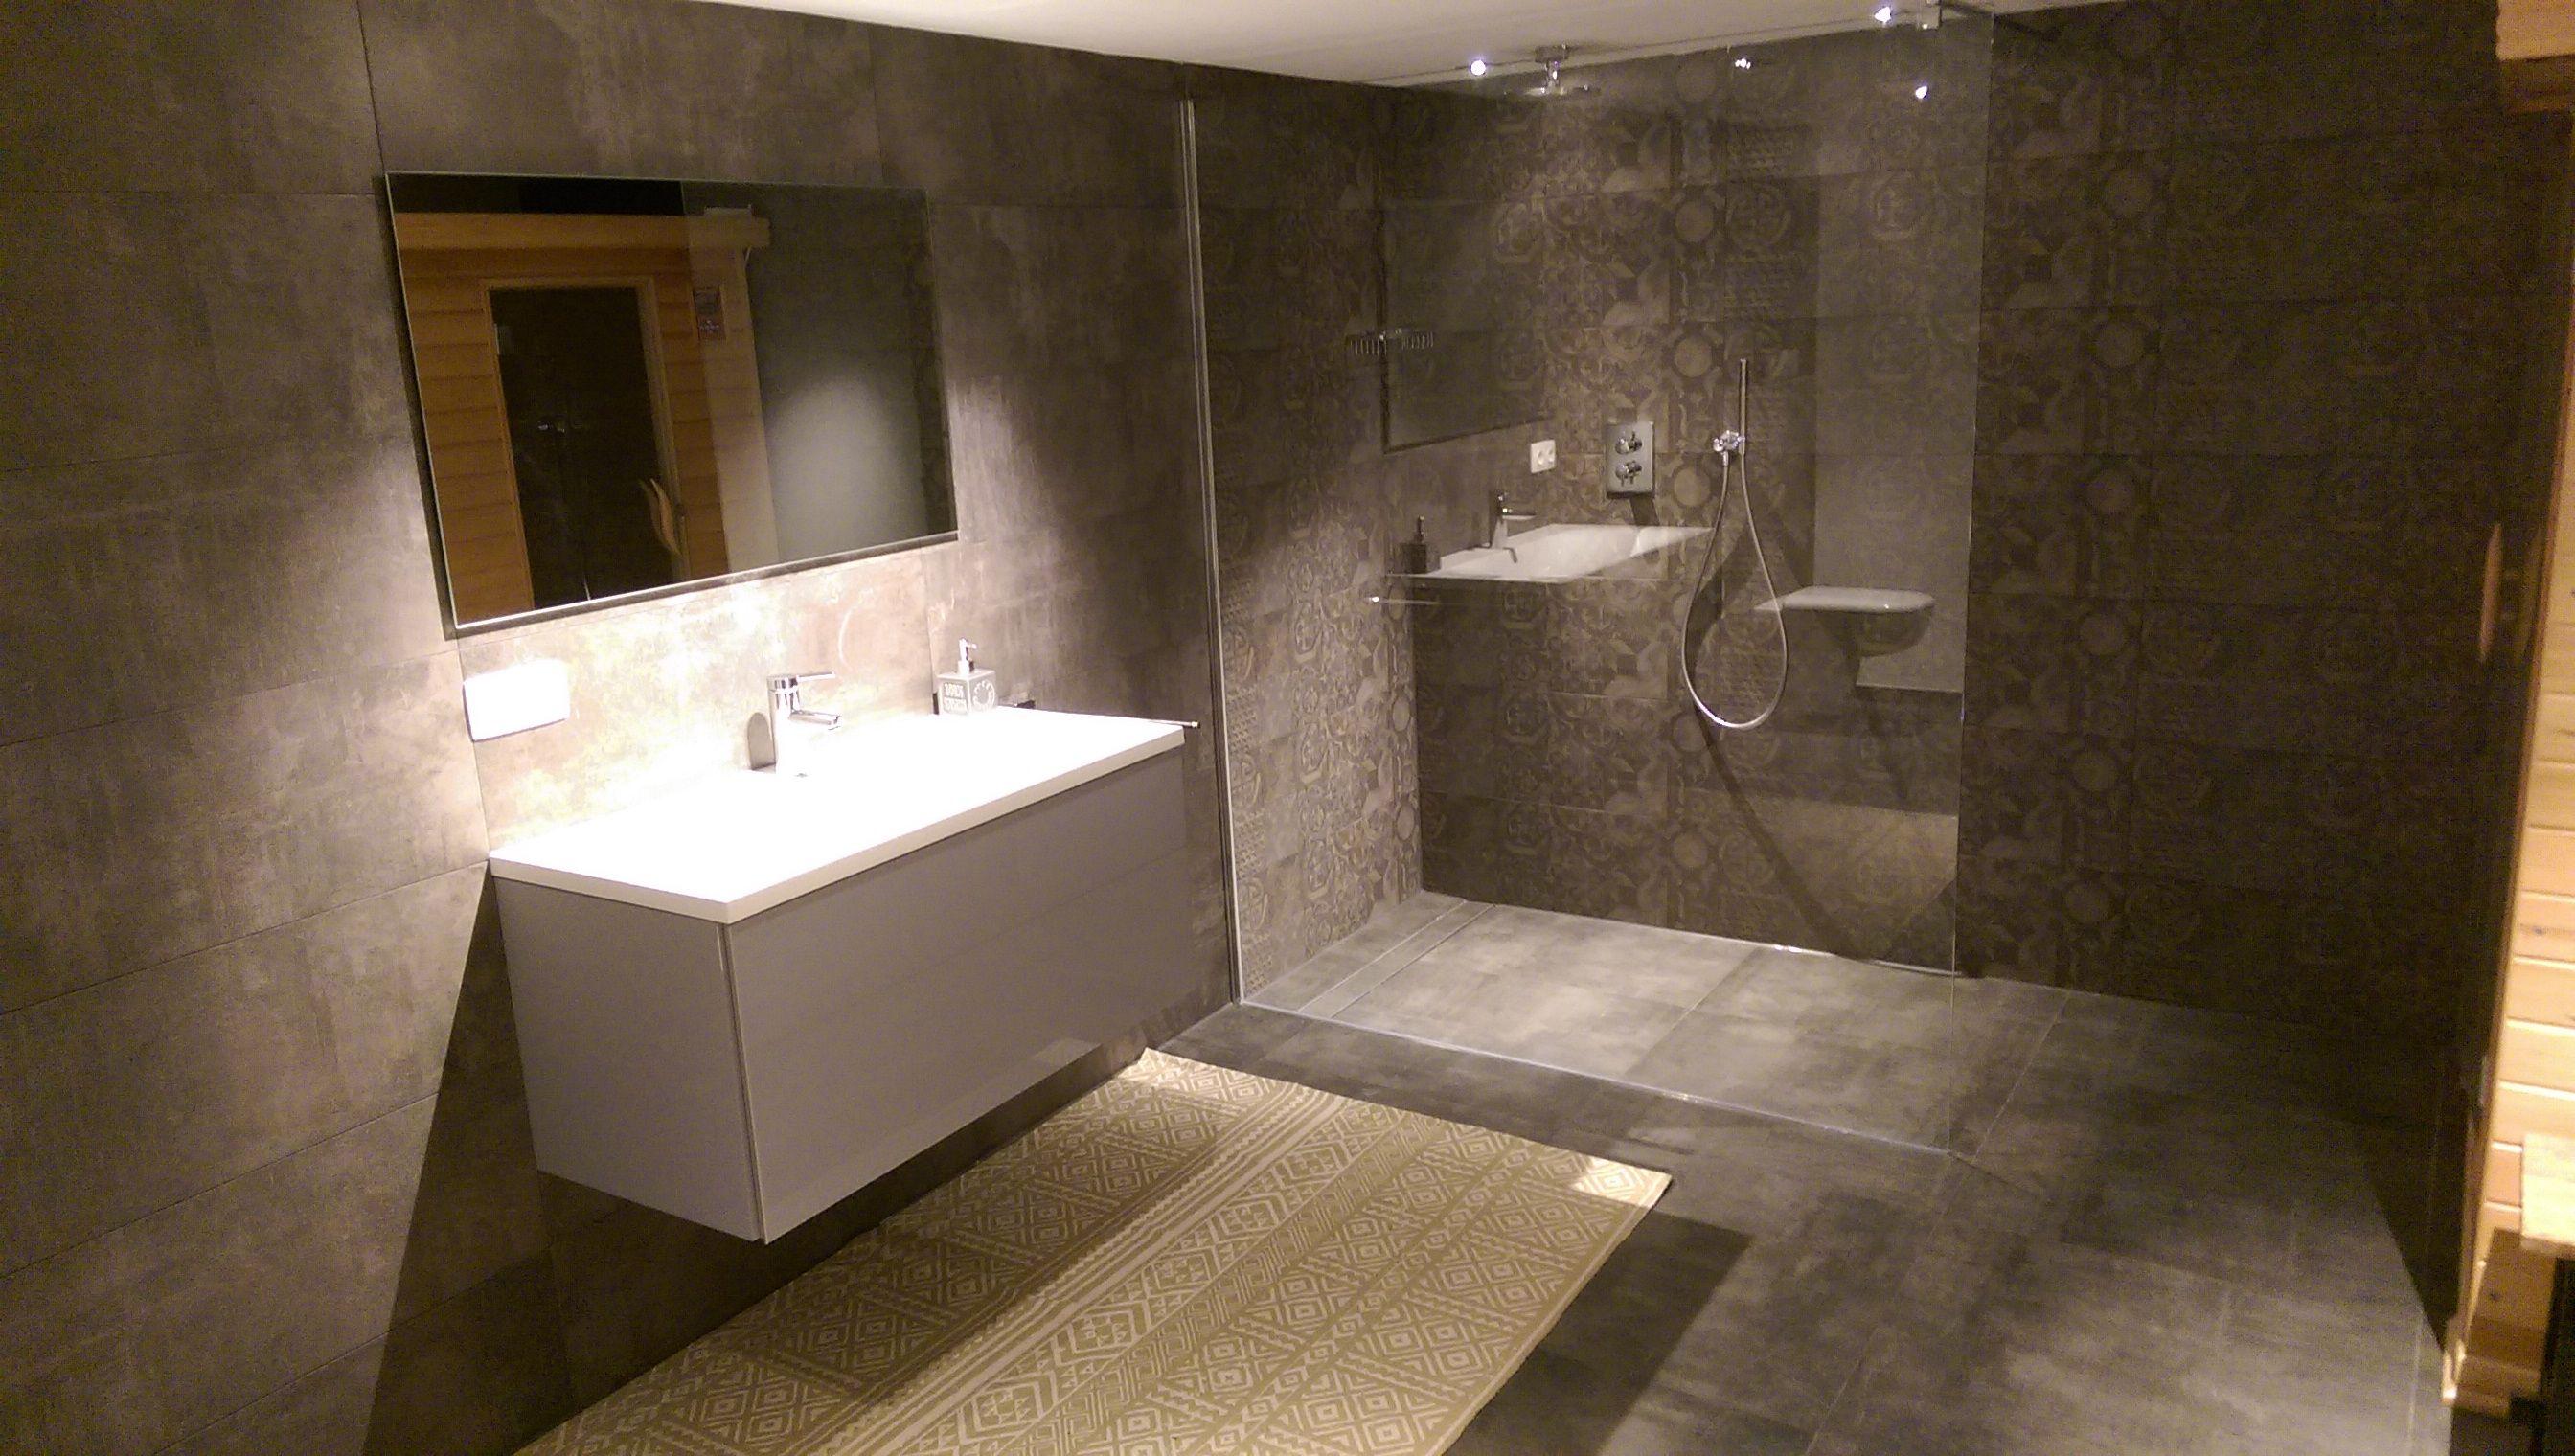 Luxe Donkere Badkamer : Donkere badkamer met inloopdouche en sauna badkamers badkamer